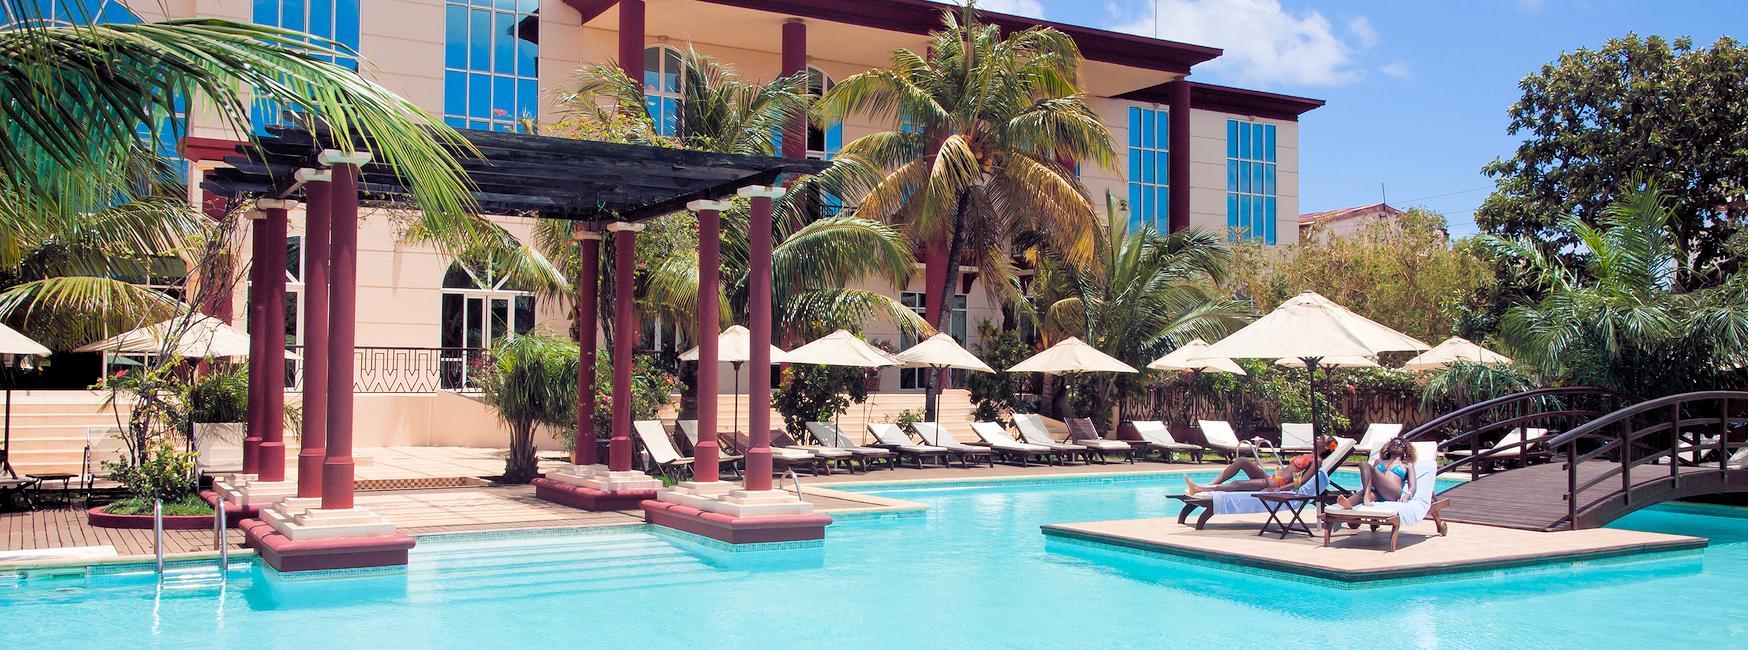 luxusurlaub ferienwohnungen ferienhaeuser buchen